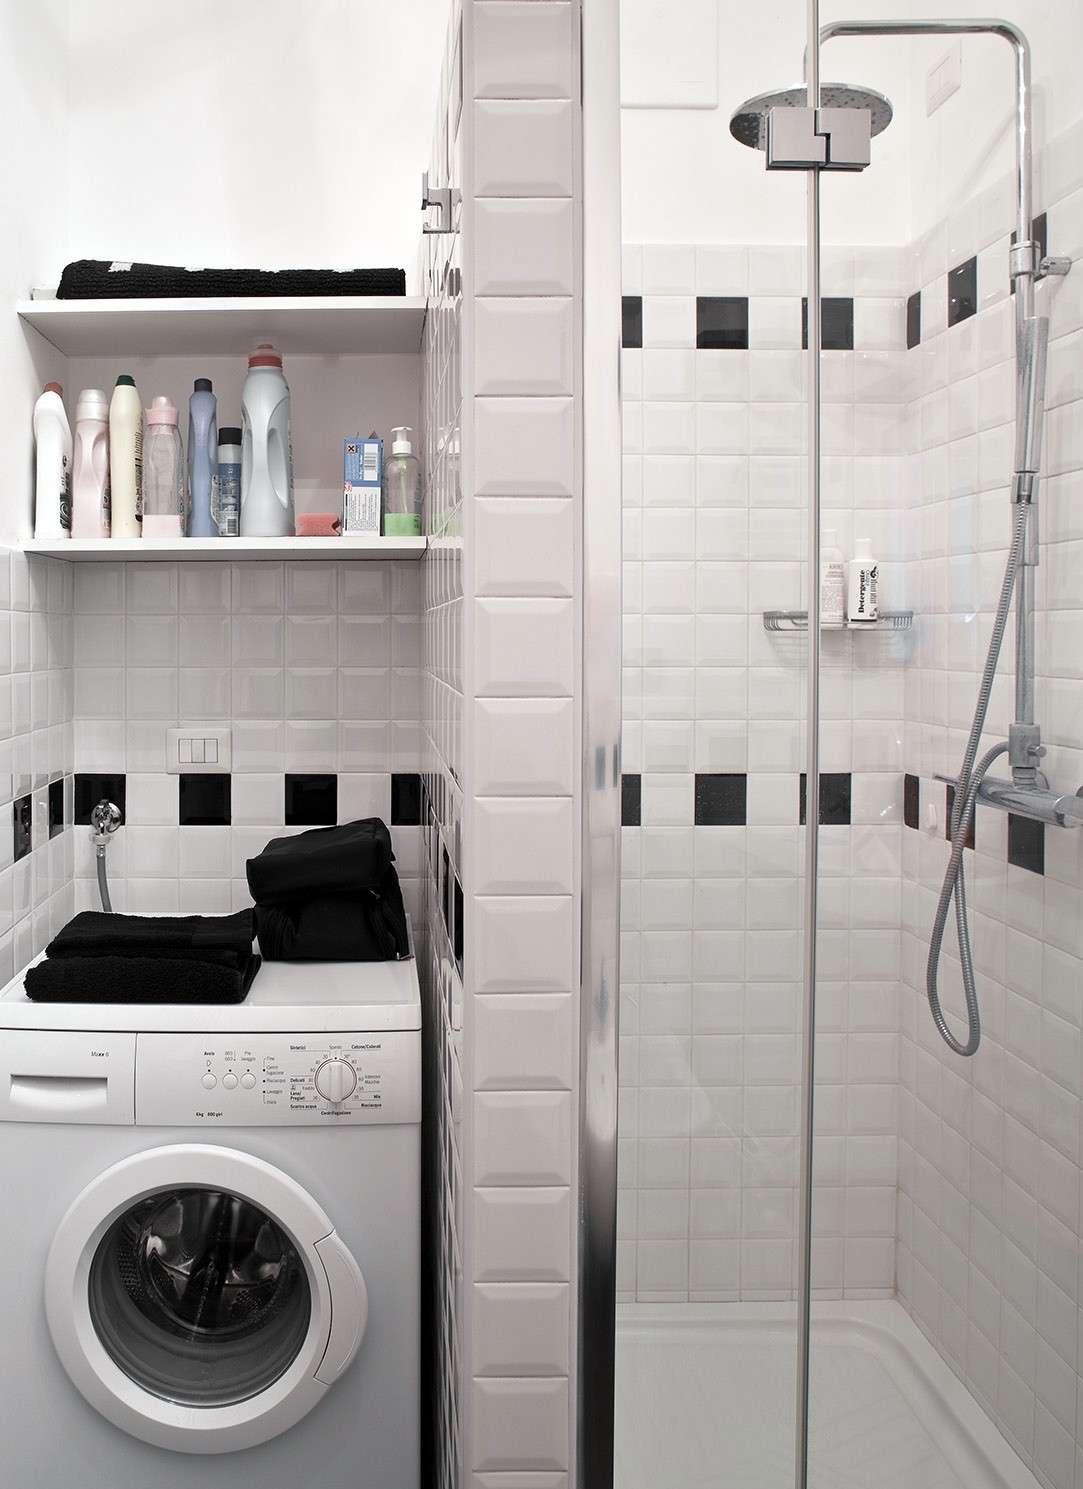 Immagini Di Bagni Piccoli 5 idee per inserire la lavatrice in un bagno piccolo